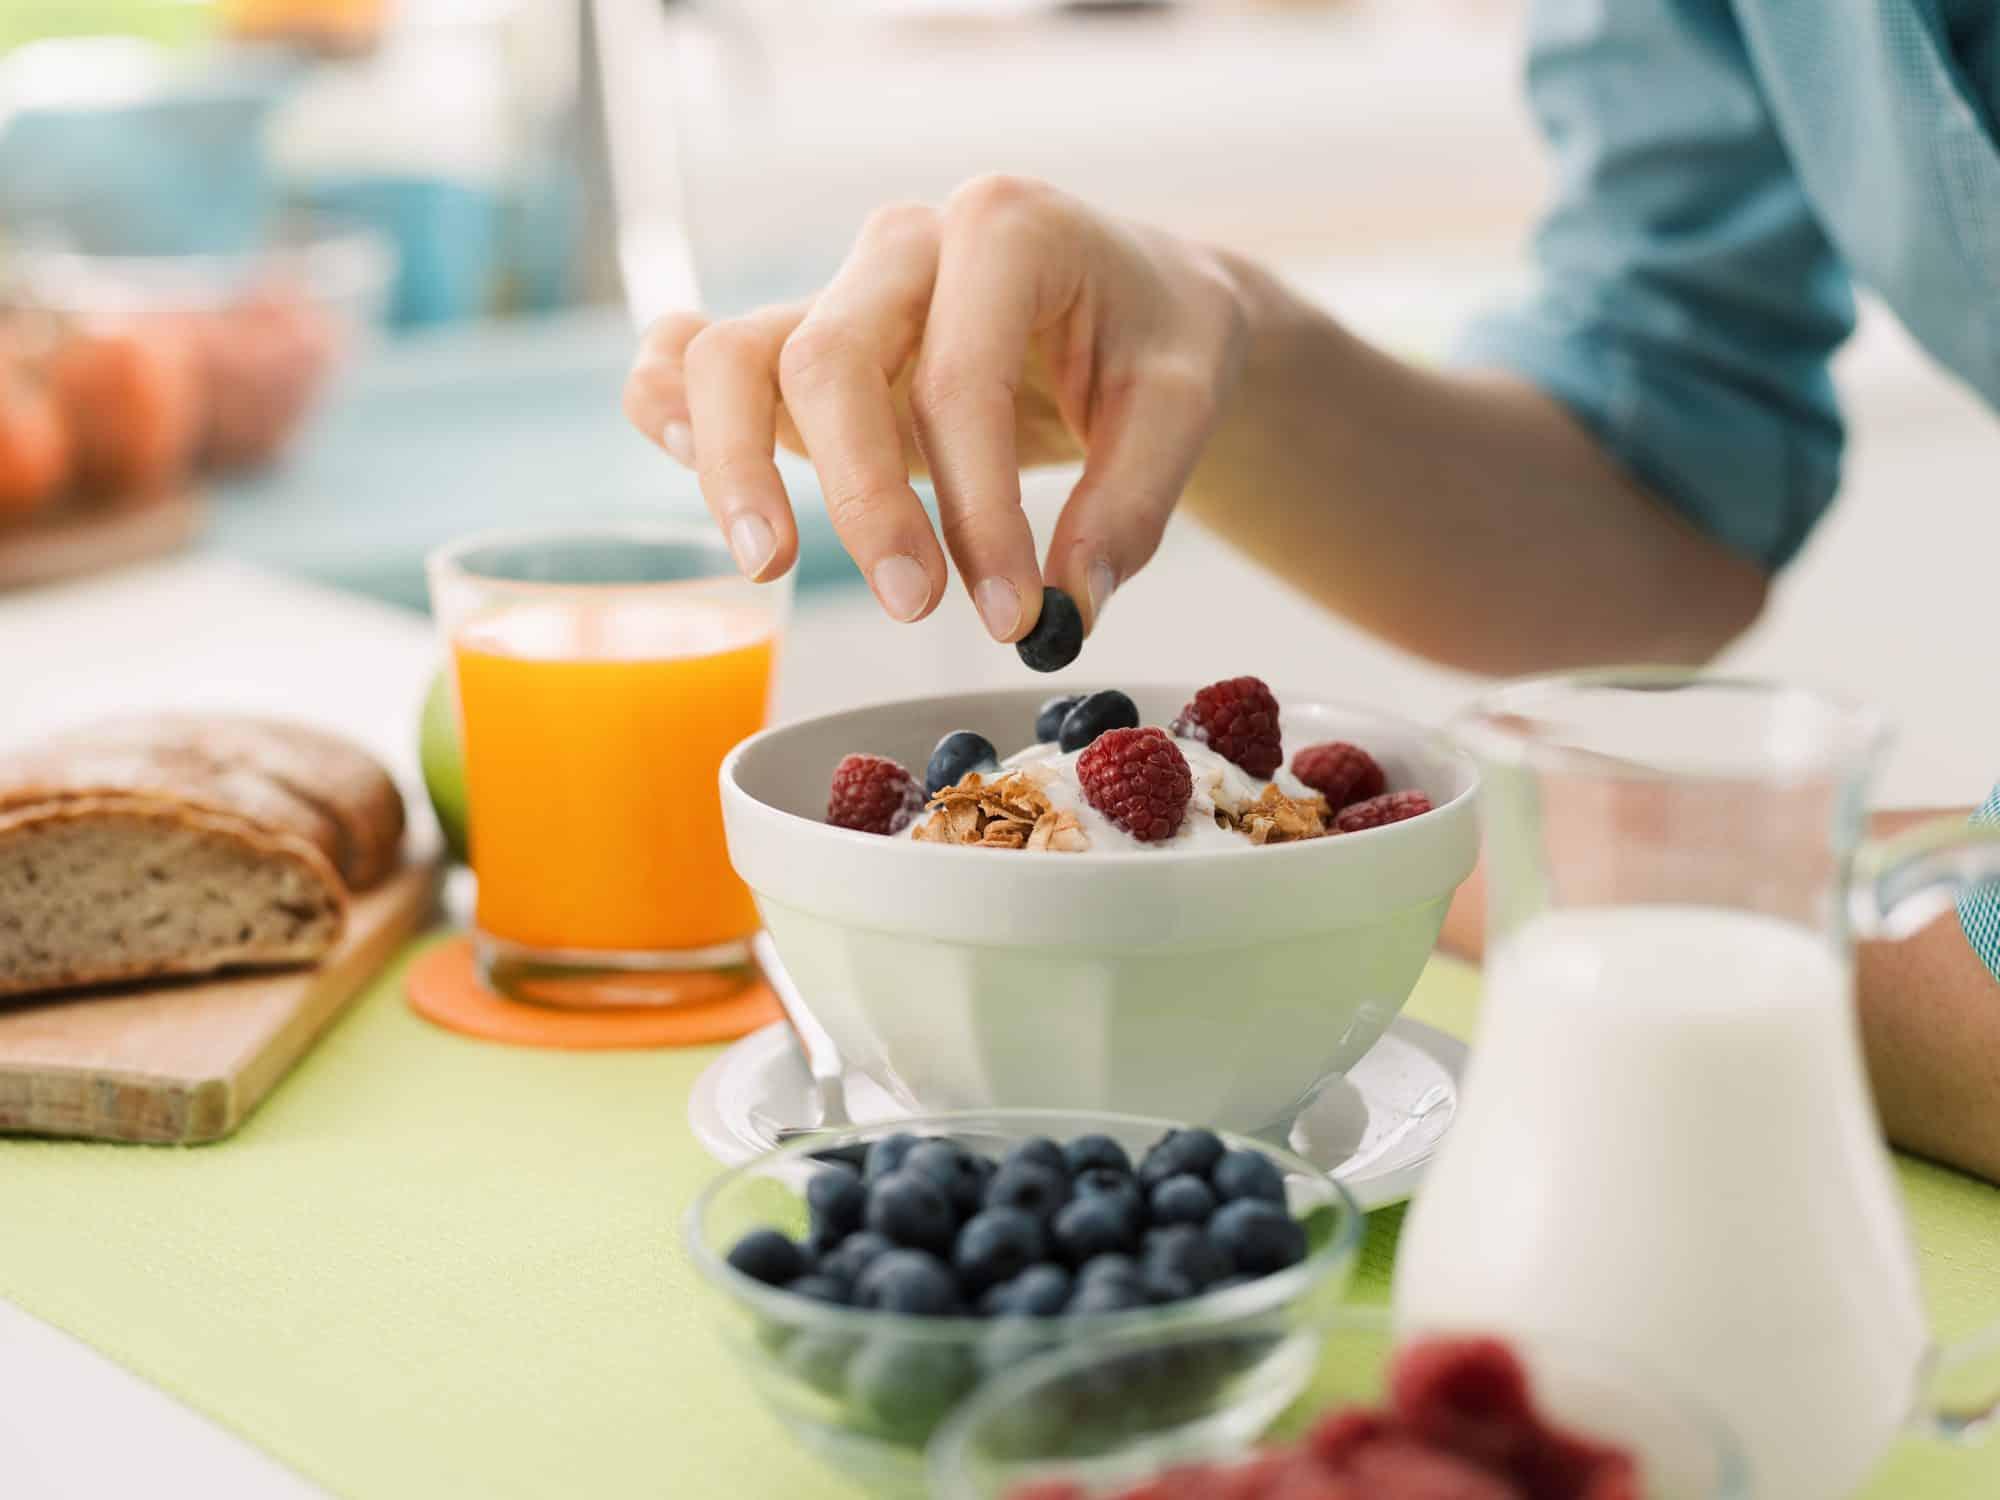 Confira 3 opções para o café da manhã vegano; saiba como fazer receitas